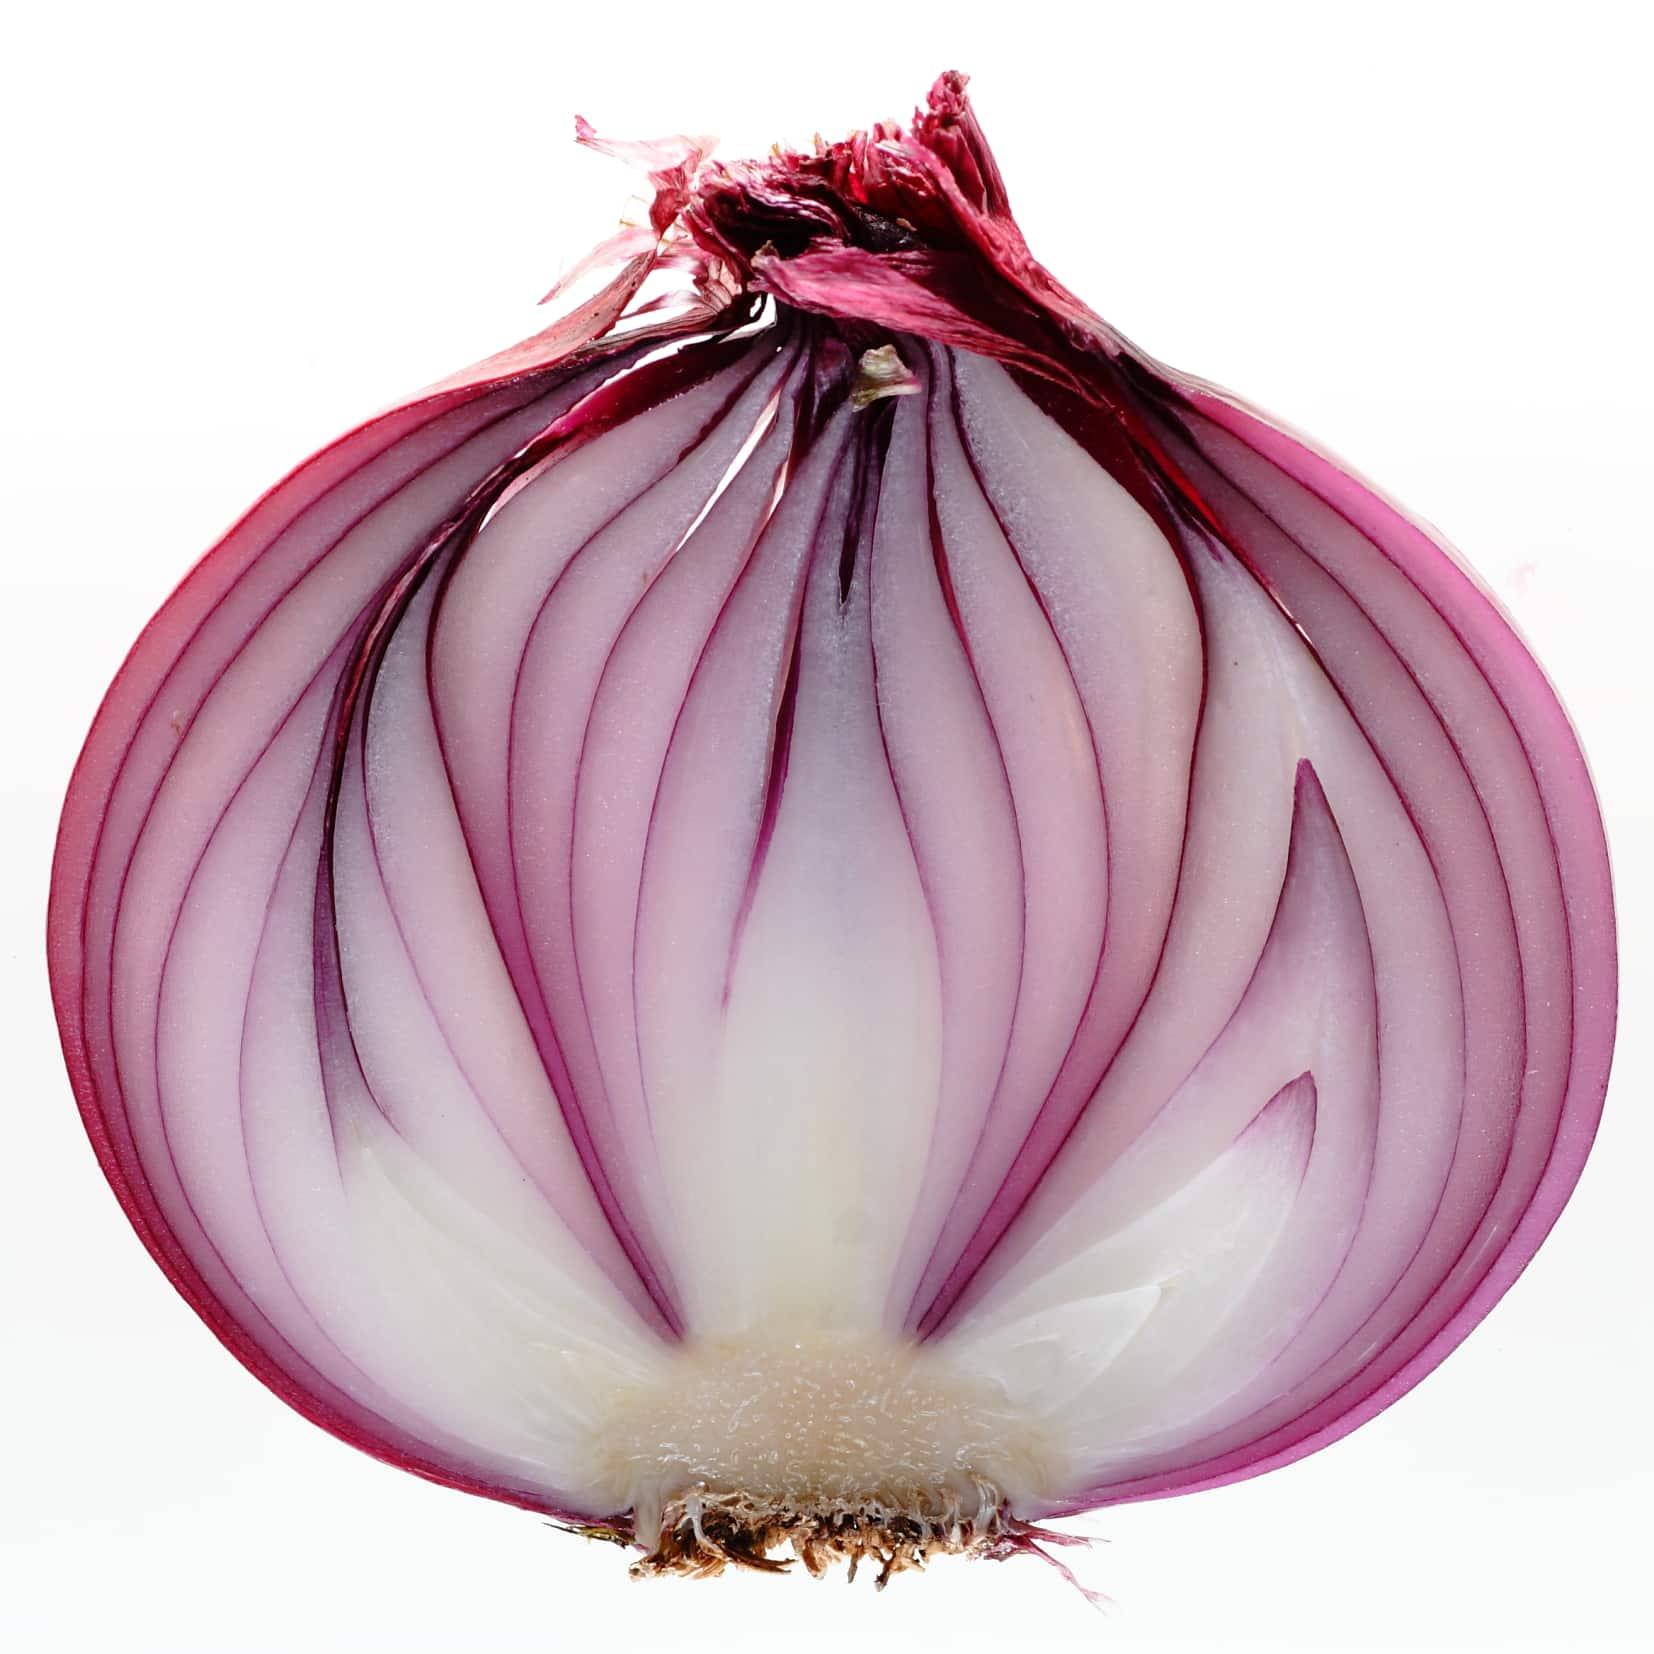 beneficios de la cebolla